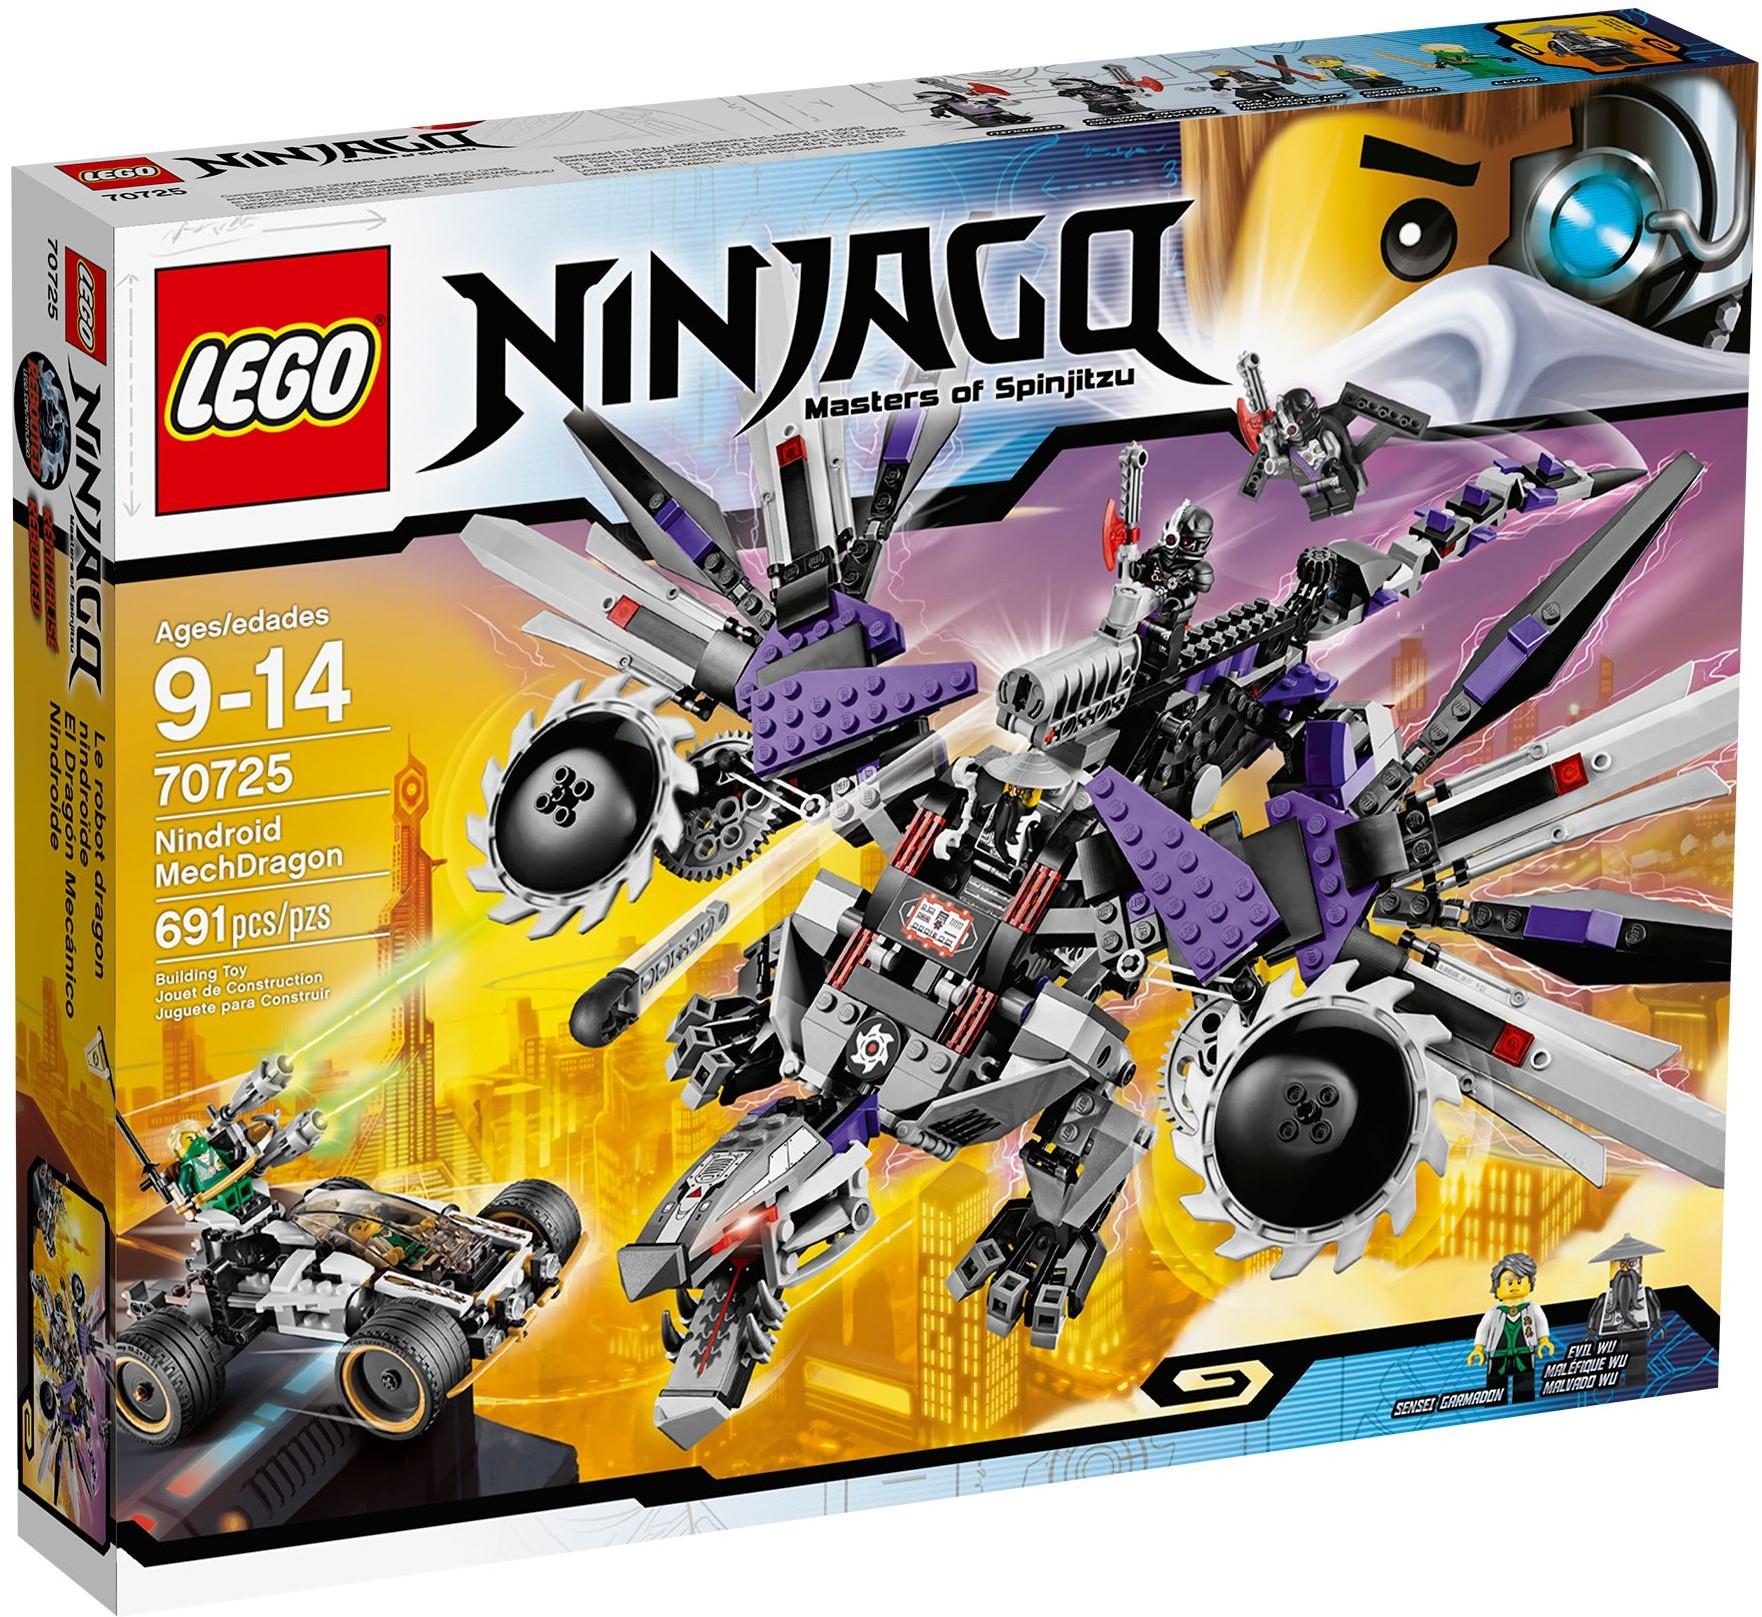 LEGO 70725 - Ninjago - Nindroid MechDragon